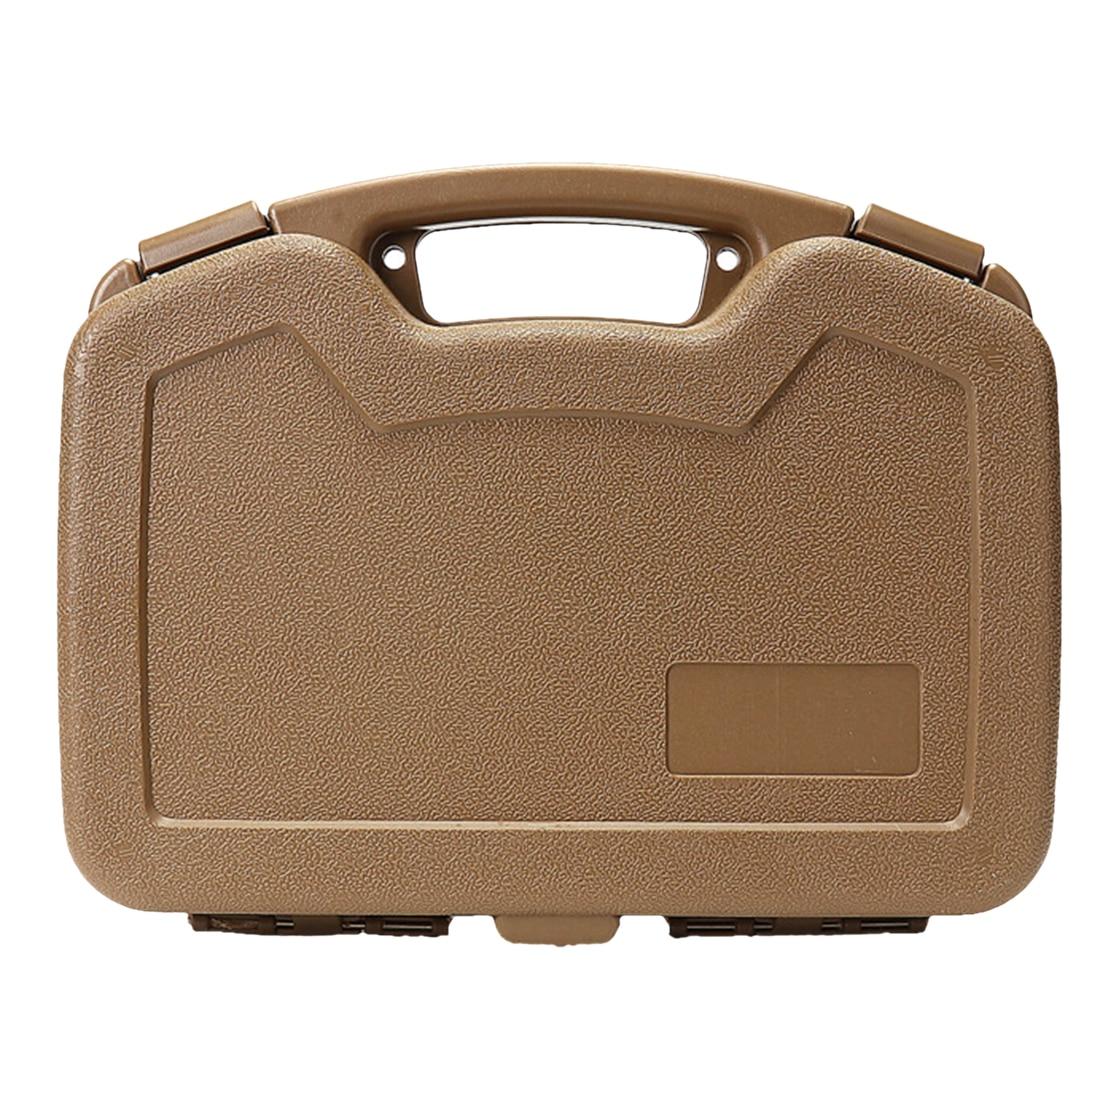 Portable En Plastique de Baisse Résistance De Protection boîte de sécurité mallette de rangement pour Glock G18 Mini gel aqueux Perles Blaster-Kaki/Noir